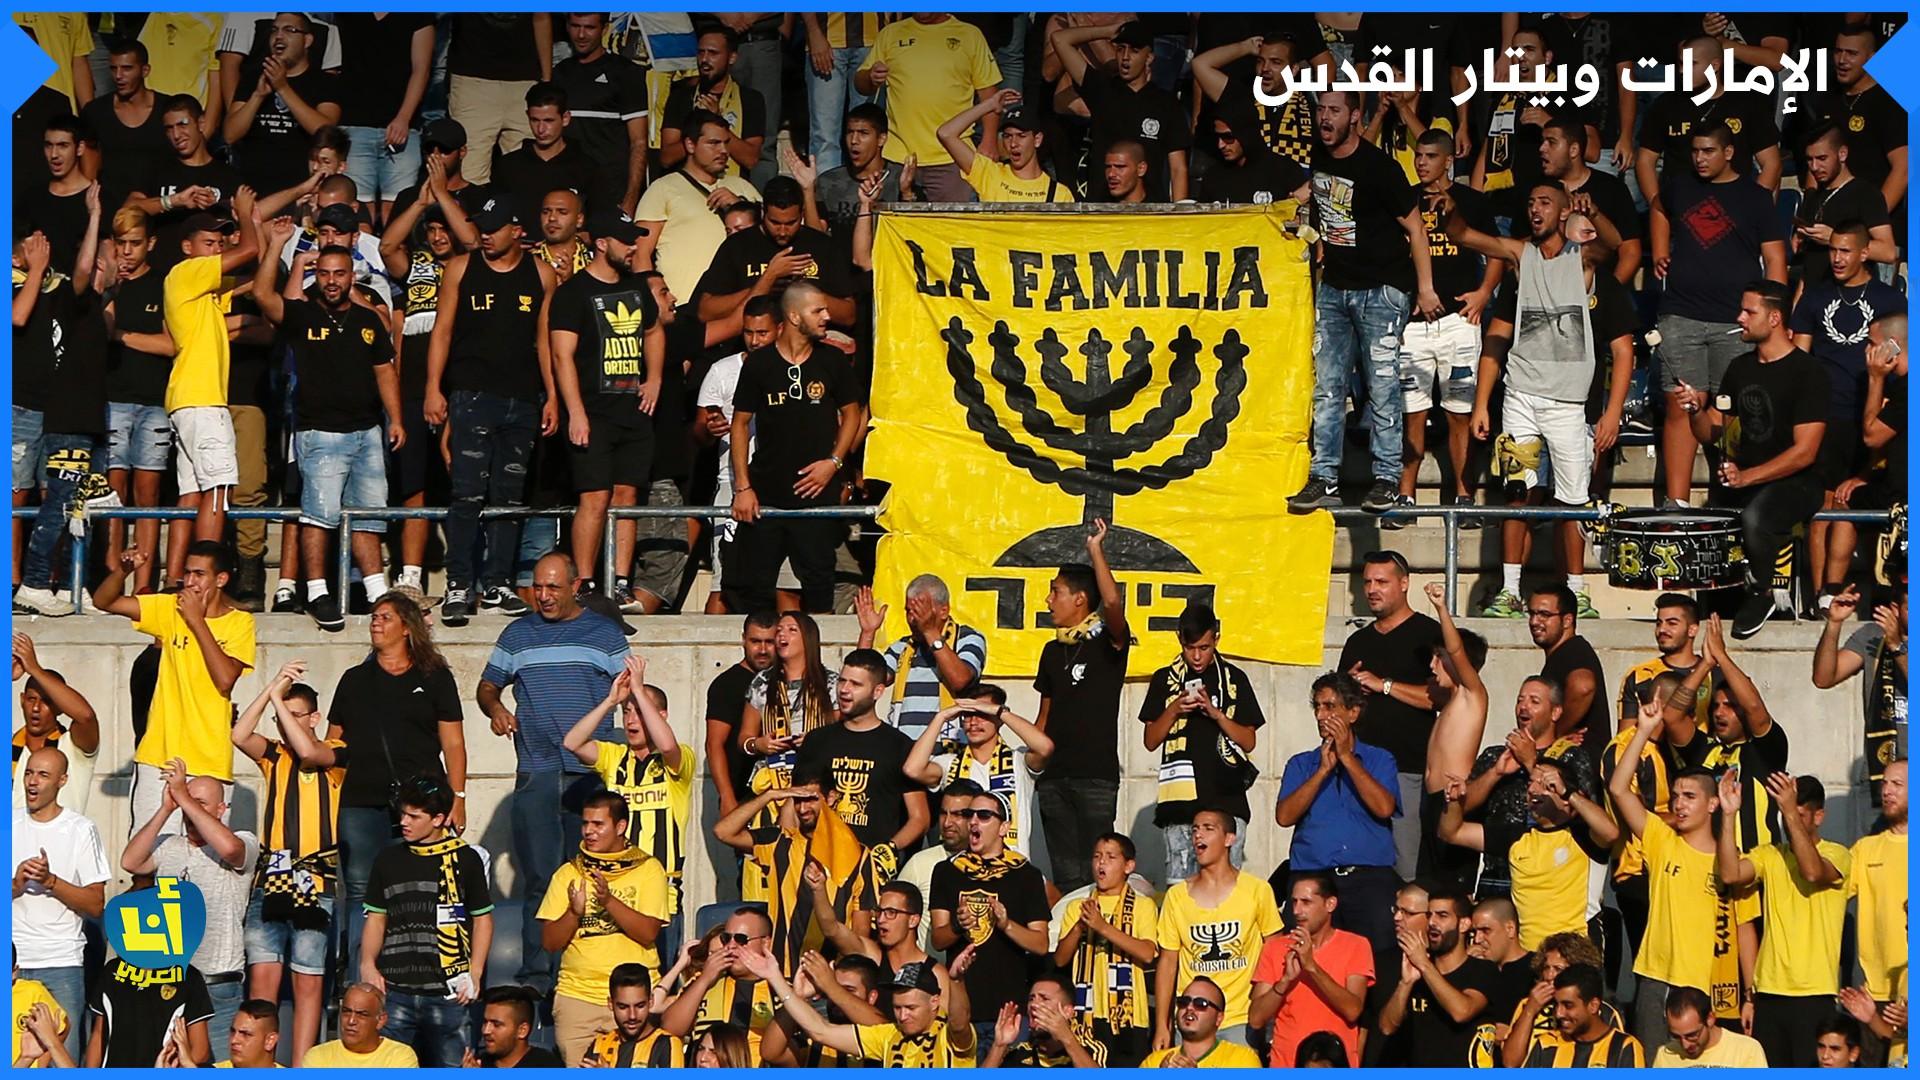 الإمارات وبيتار القدس